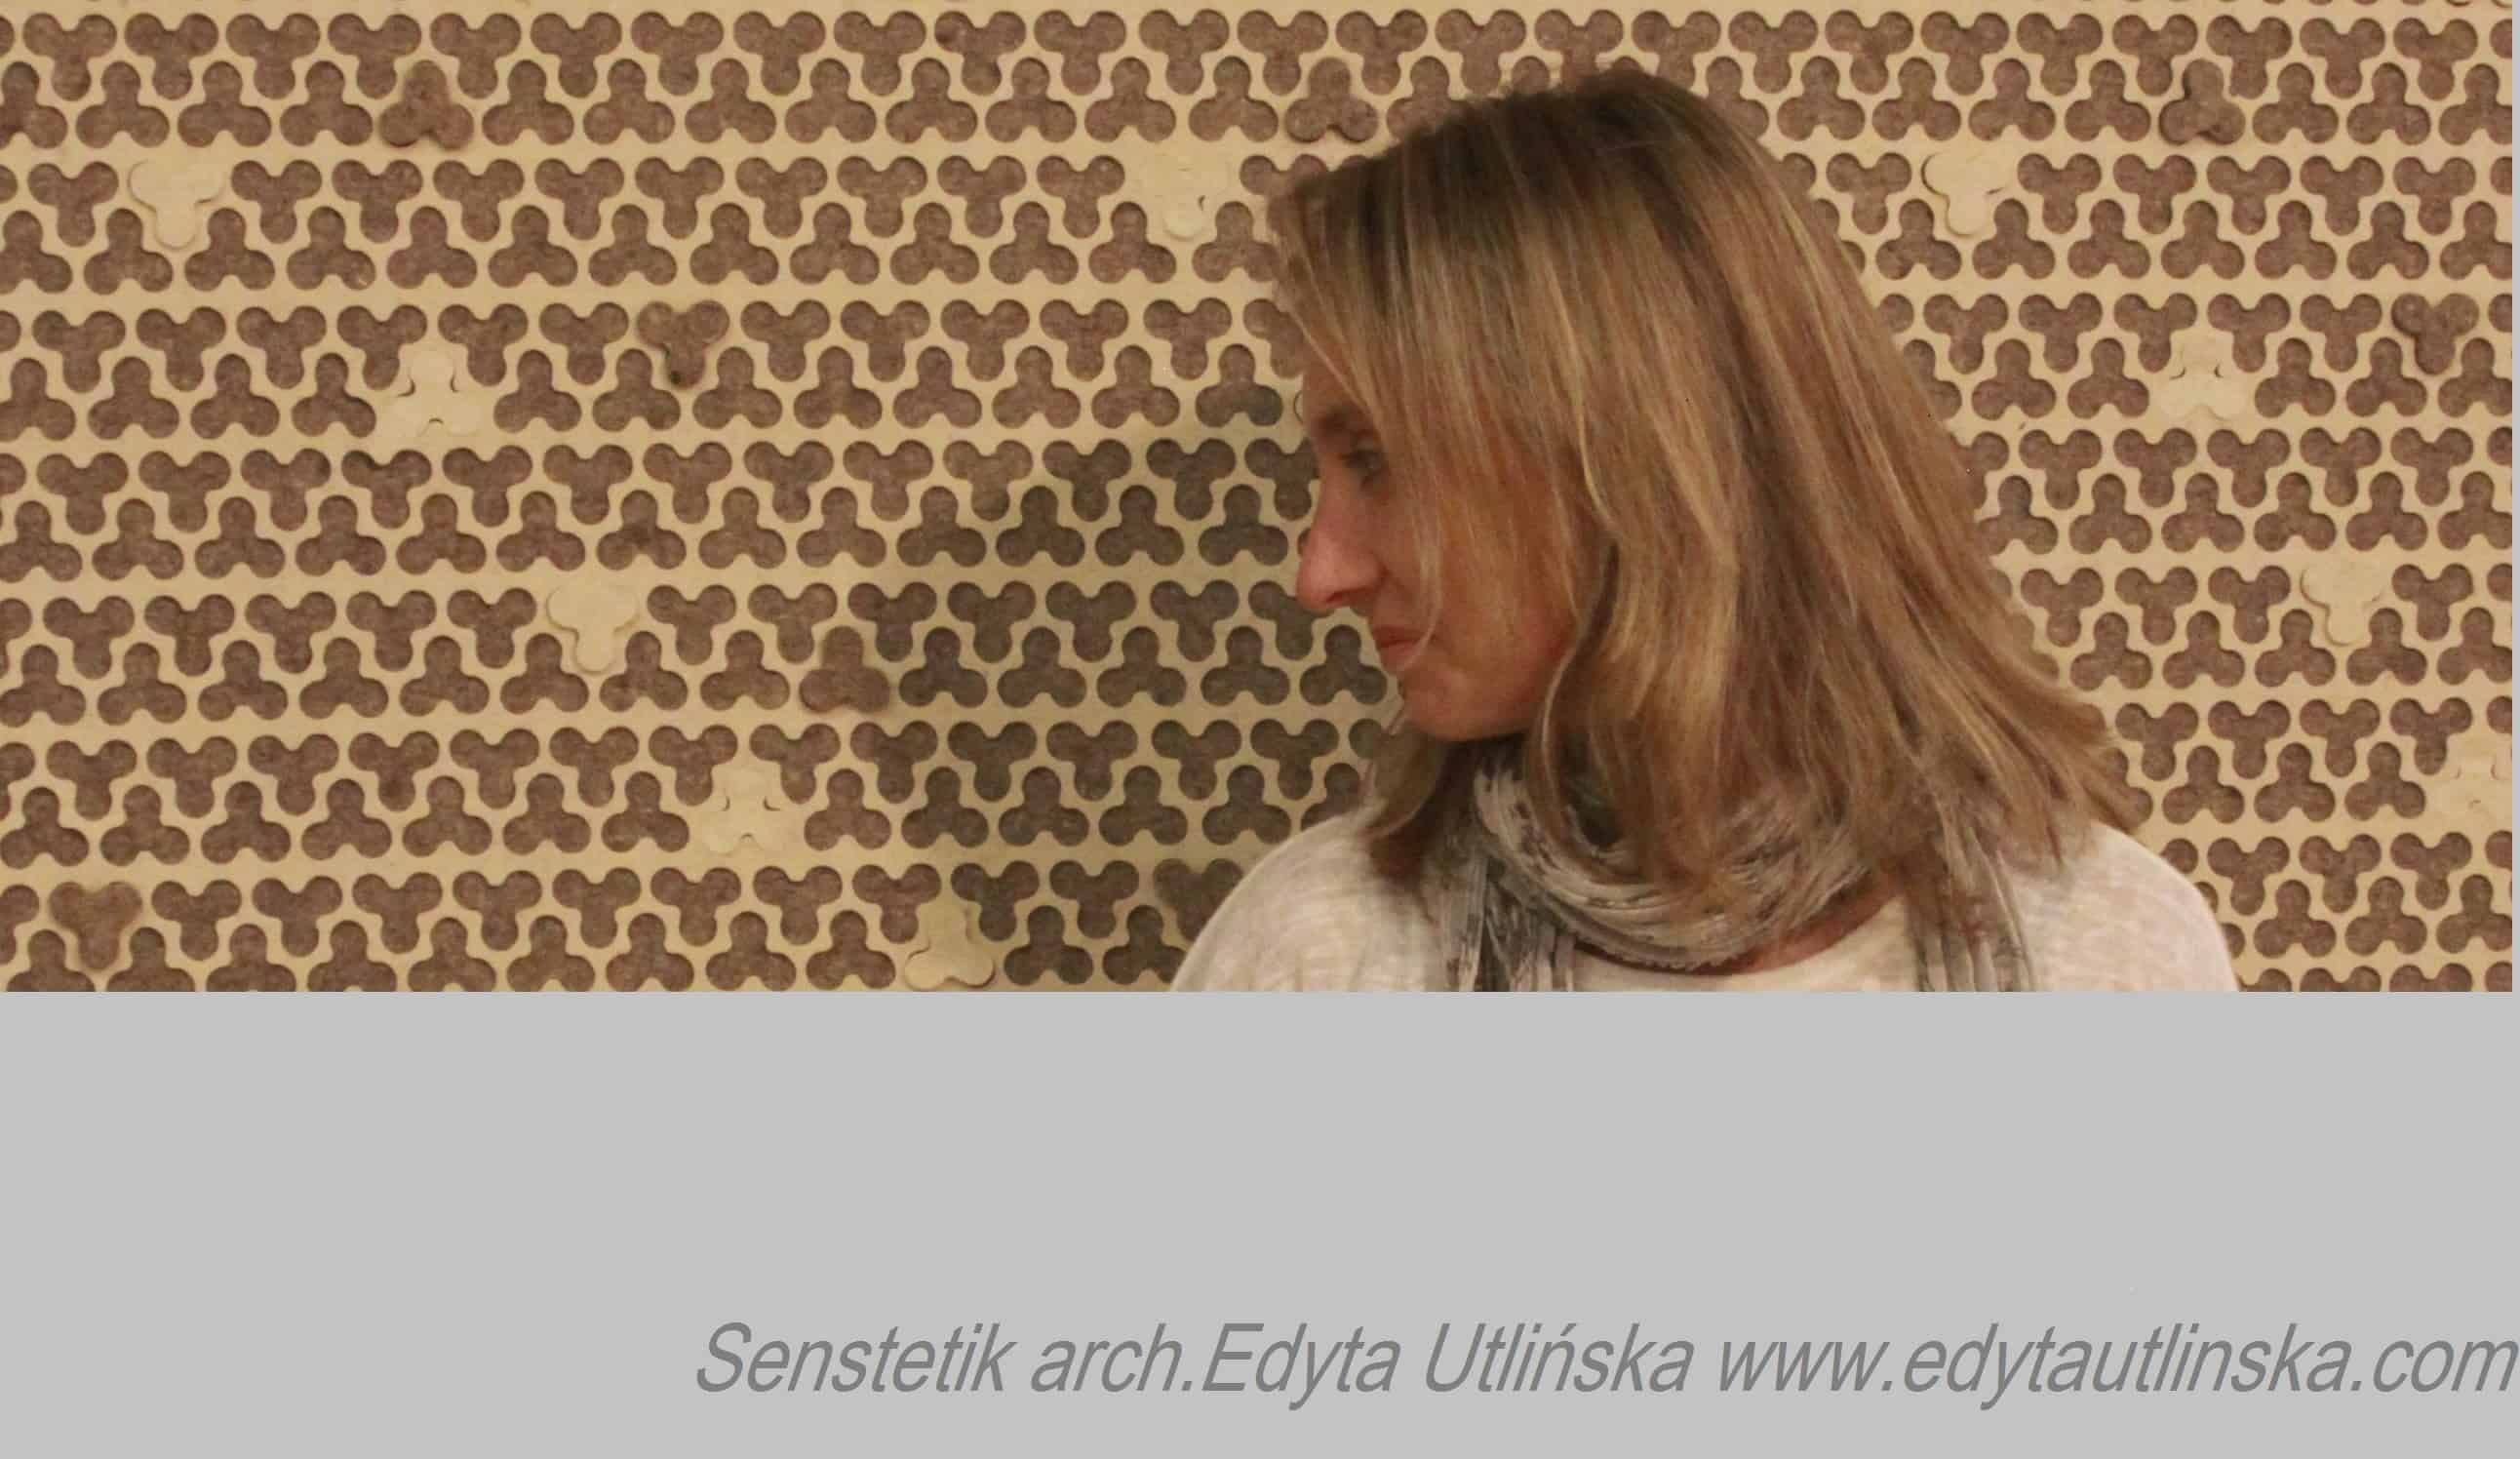 Edyta Utlińska, założycielka i główna architektka pracowni Senstetik